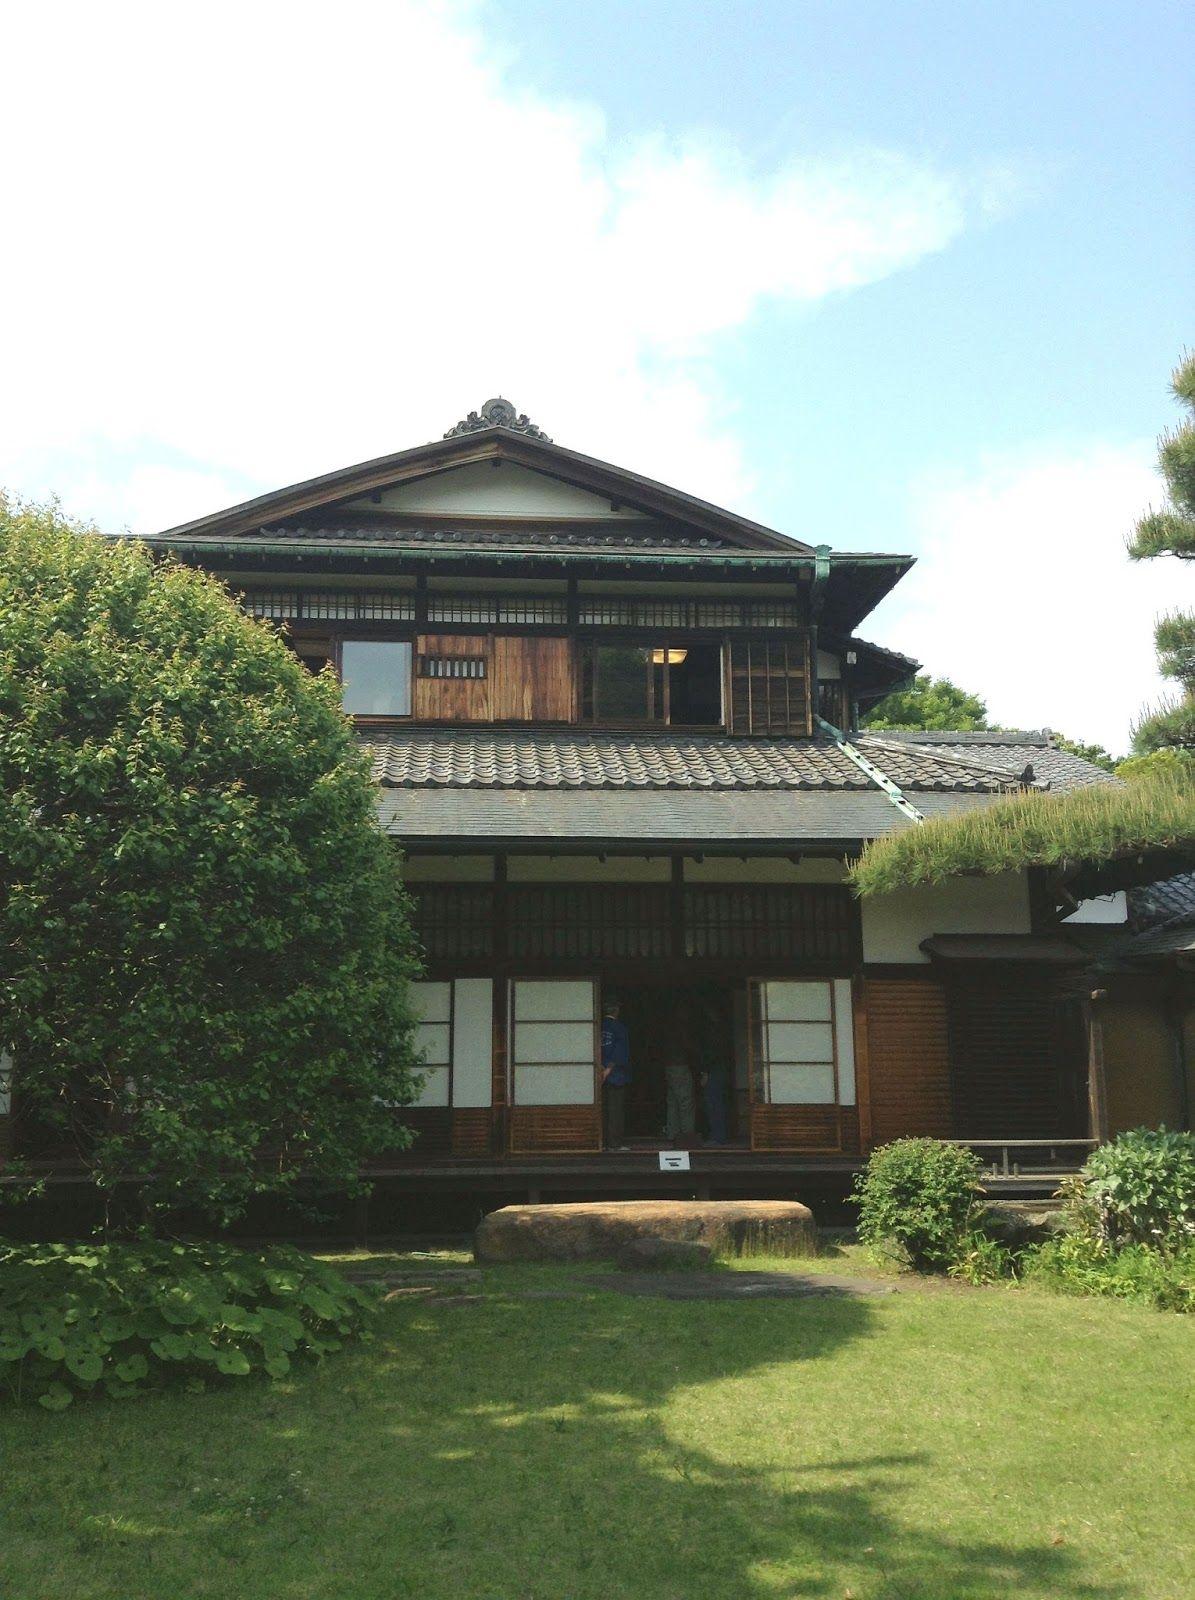 Hausarchitektur japanische architektur asiatisches haus modernes asiatisches japanese haus kleine gärten moderne häuser haus design japanische